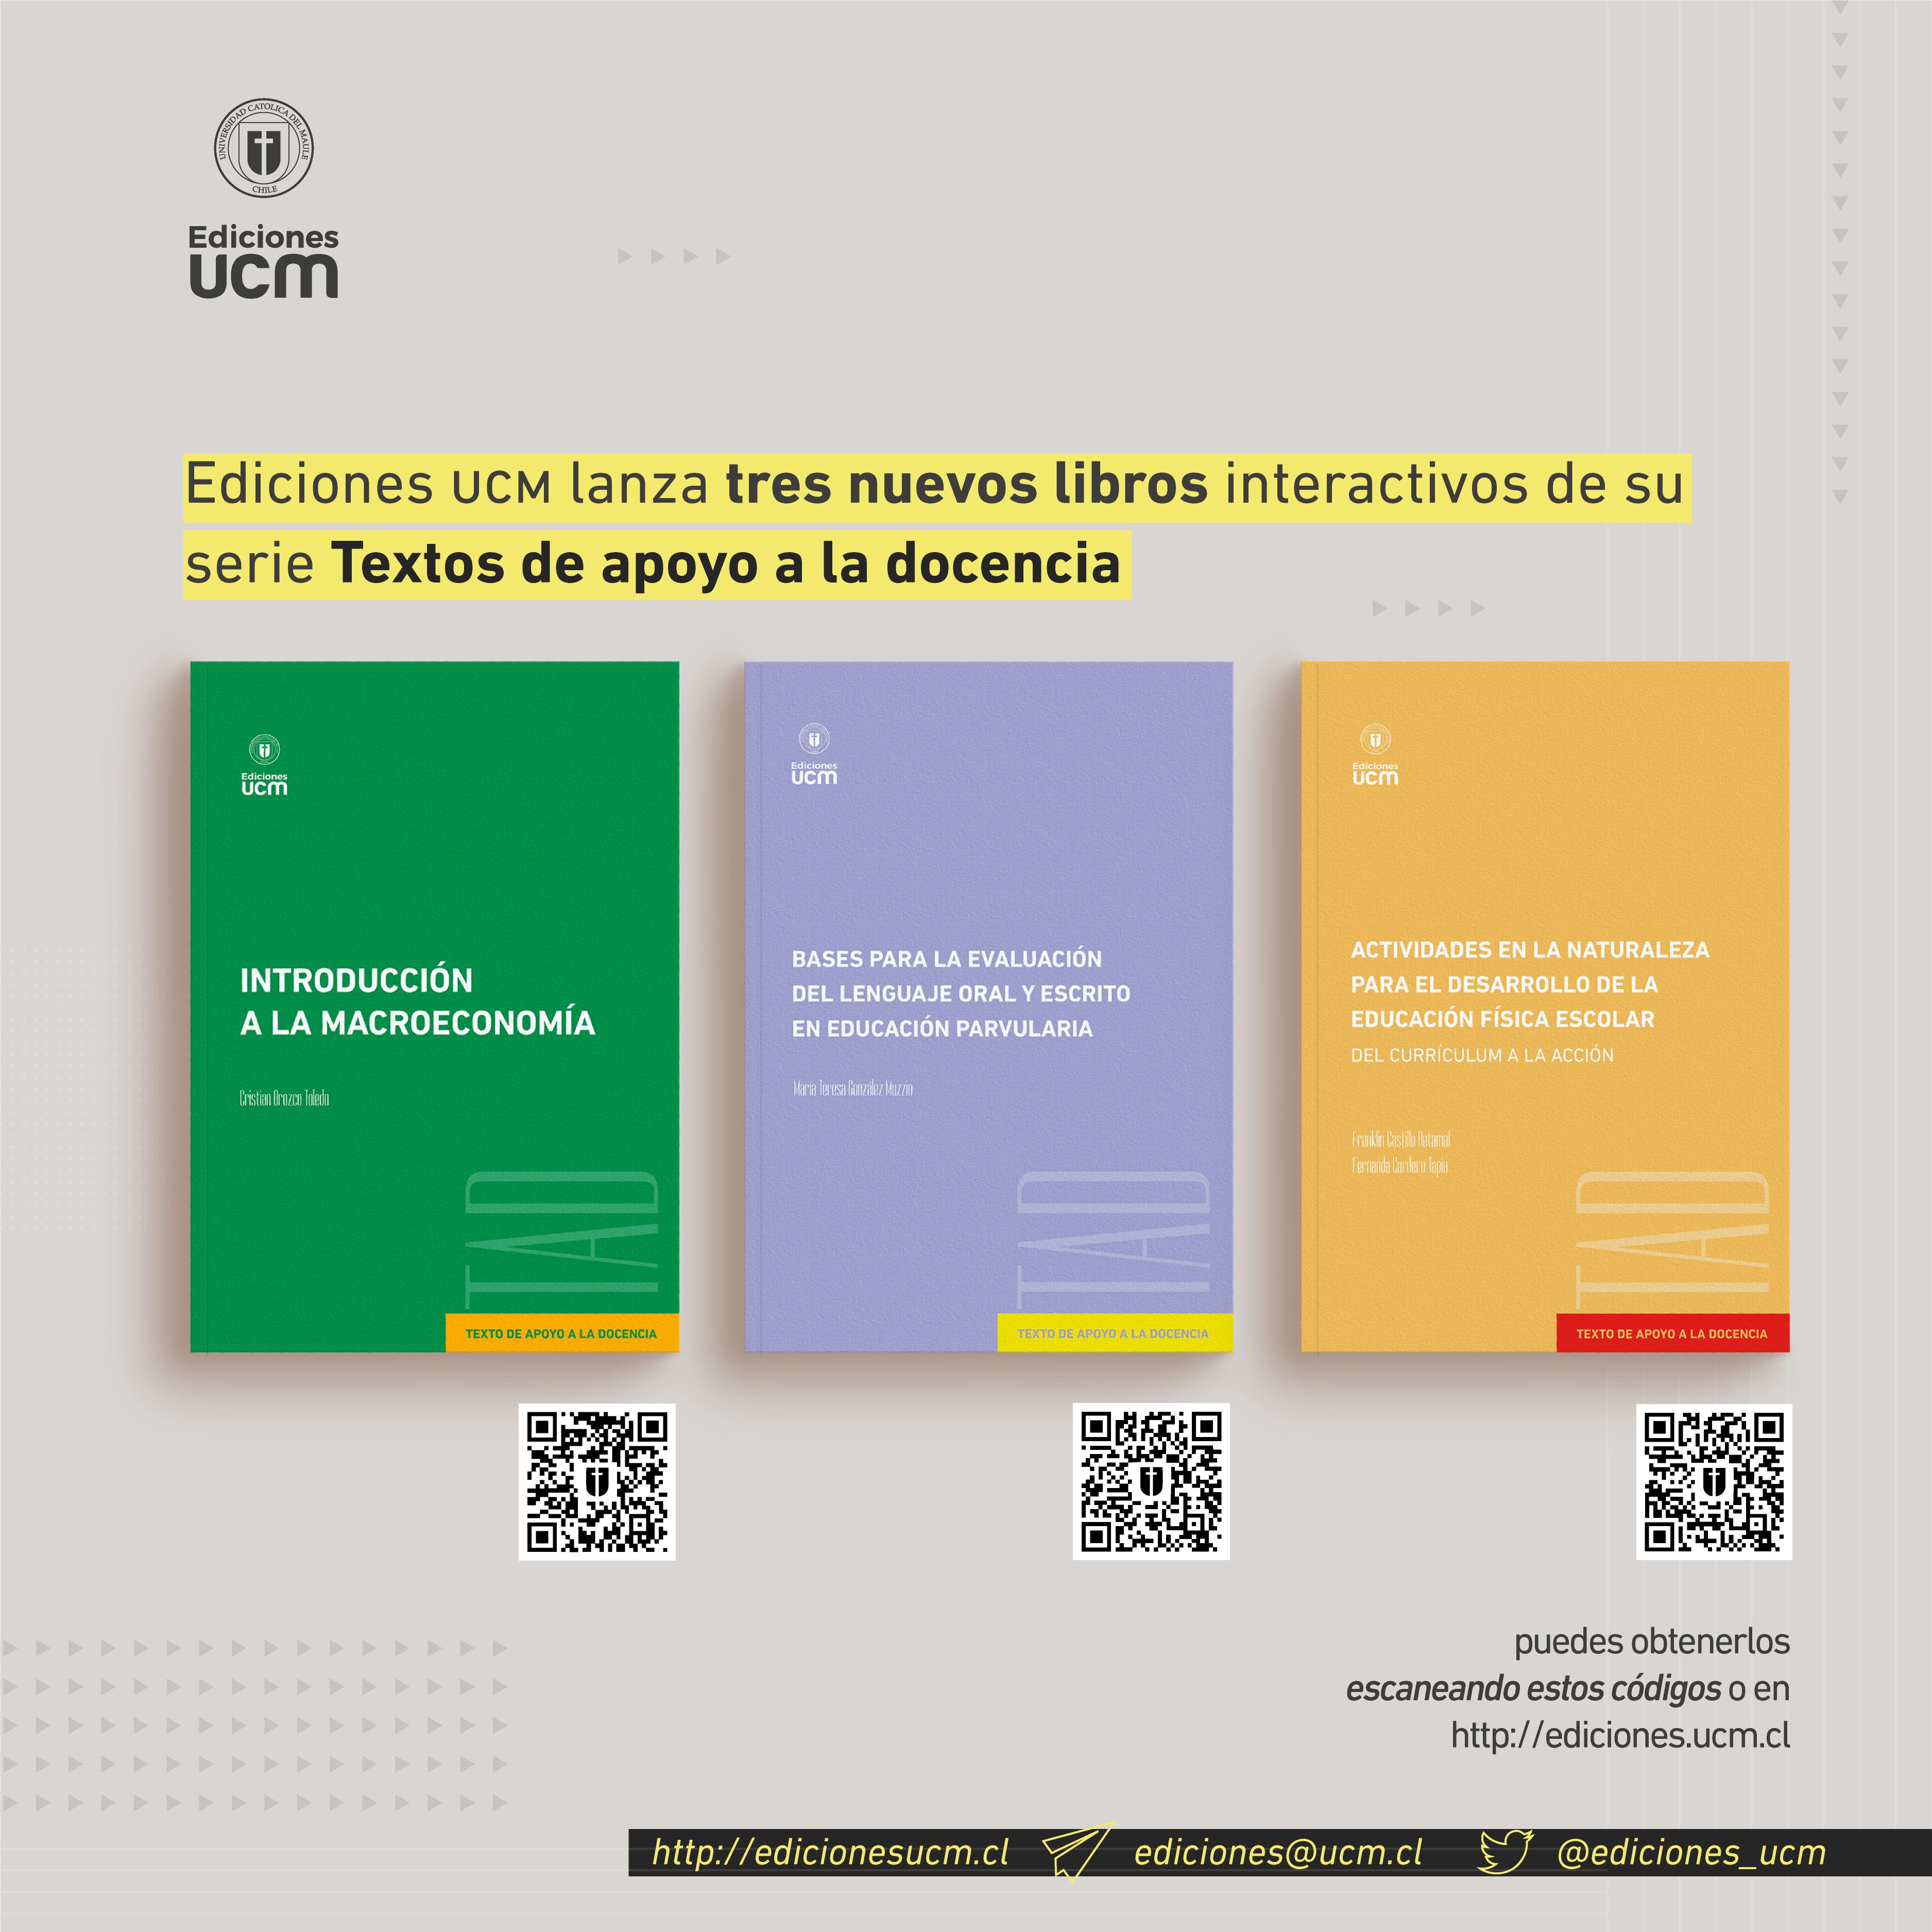 Ediciones UCM publica tres nuevos libros interactivos